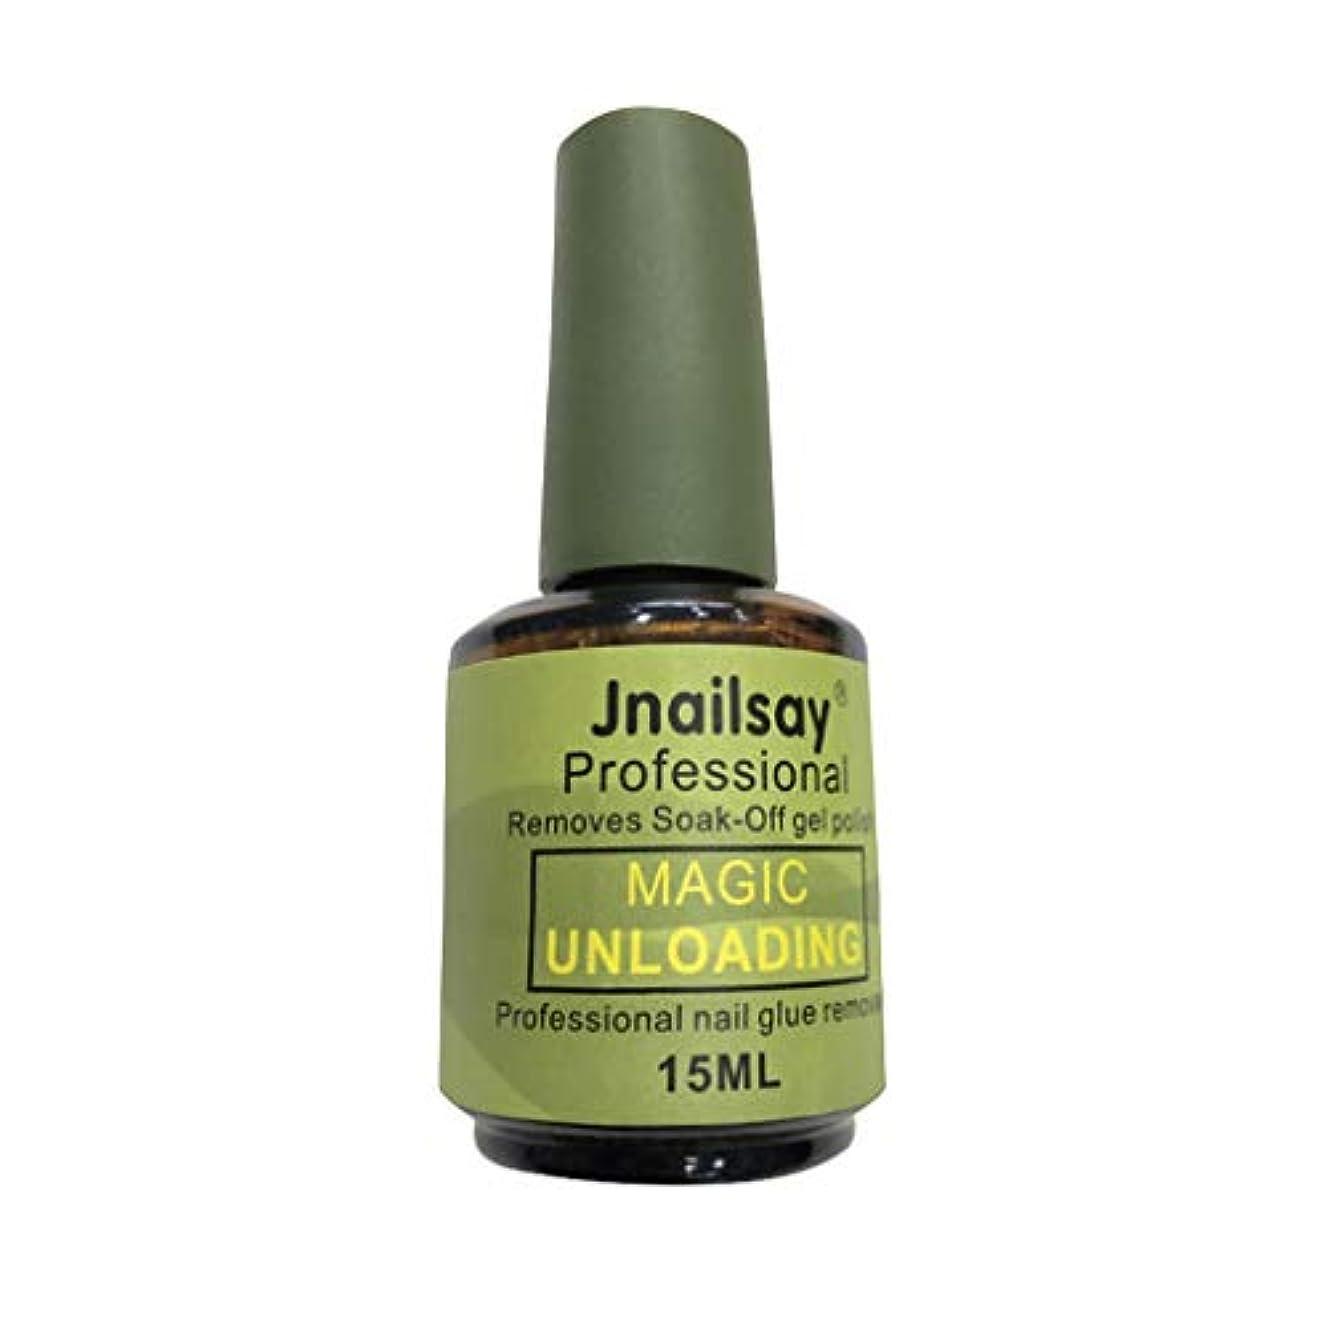 マトンアノイルアーネイル用品 Jnailsay 15ml速い破裂の装甲接着剤1分の荷を下す操作は釘を傷つけないで簡単で便利です (多色)